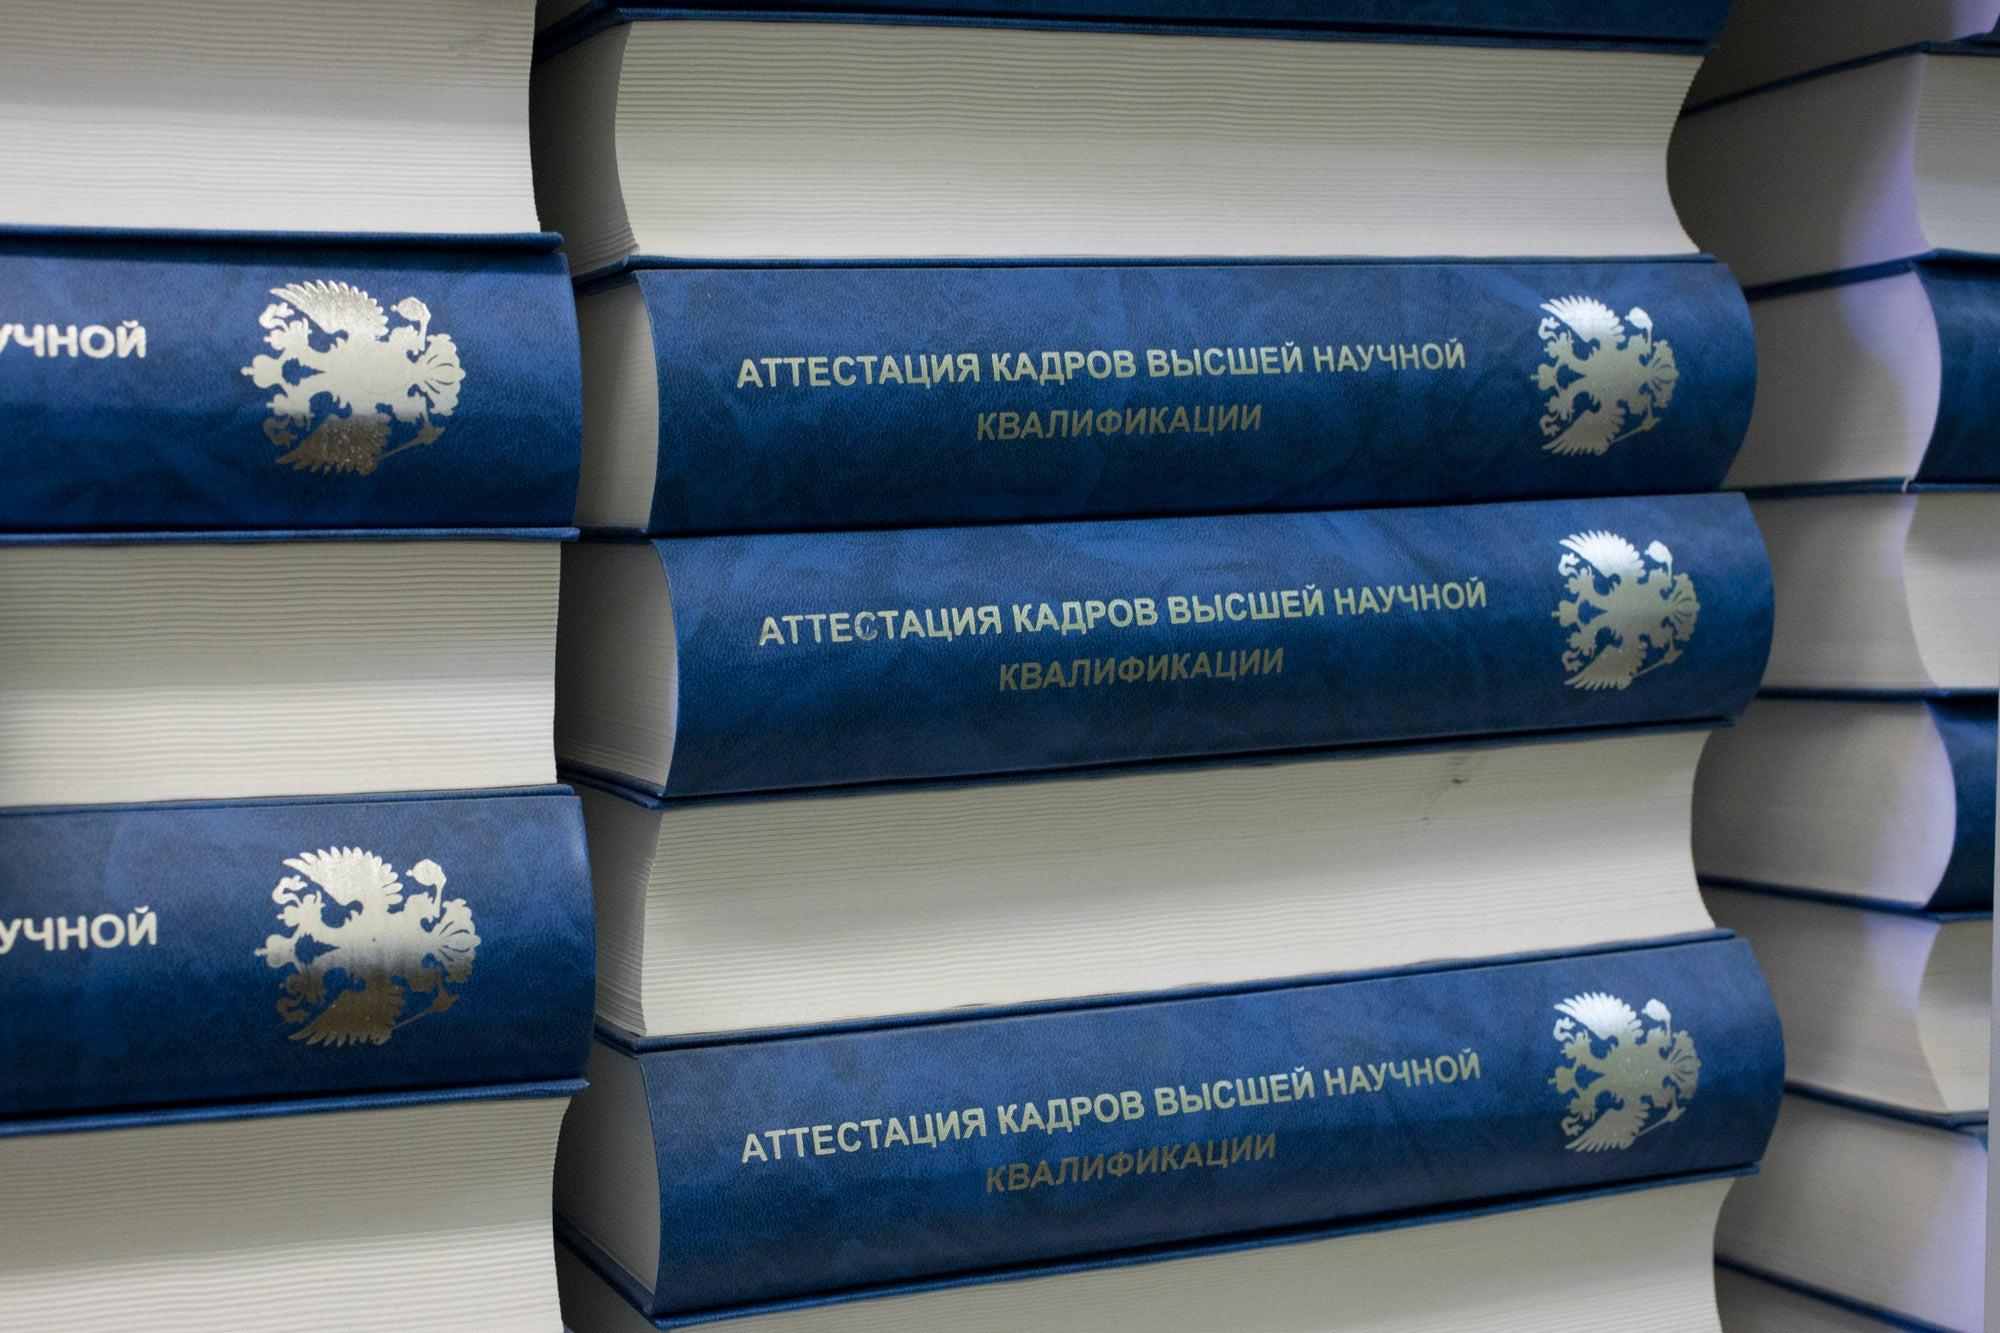 Издательство СПбГЭУ решает современные задачи при помощи ЦПМ  Konica Minolta